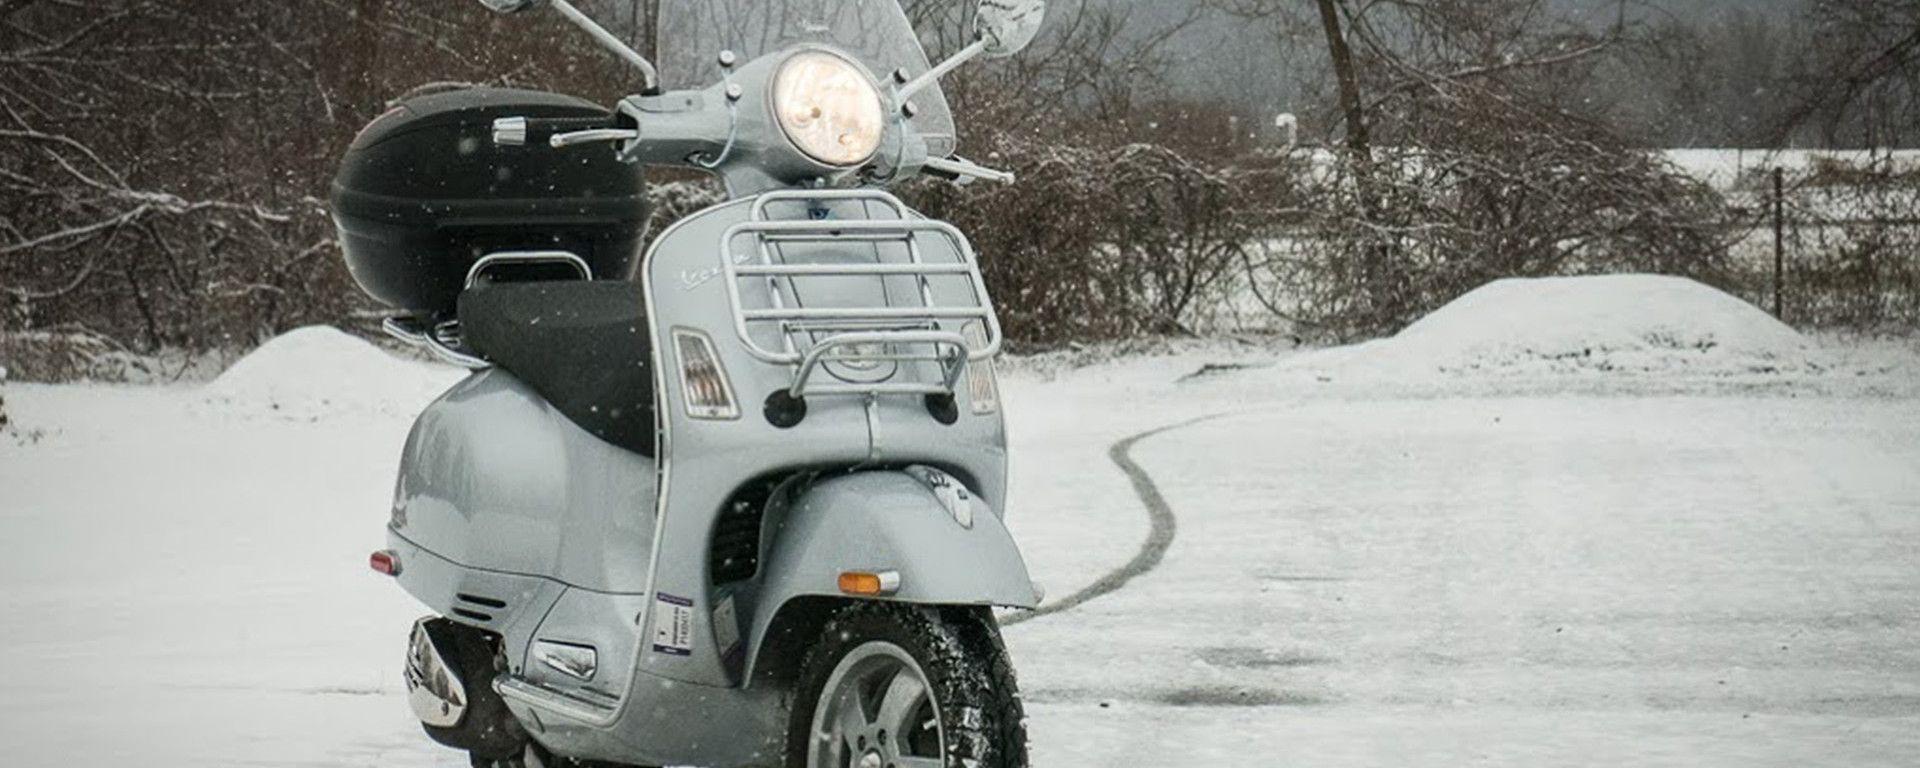 Offerte scooter gennaio 2020